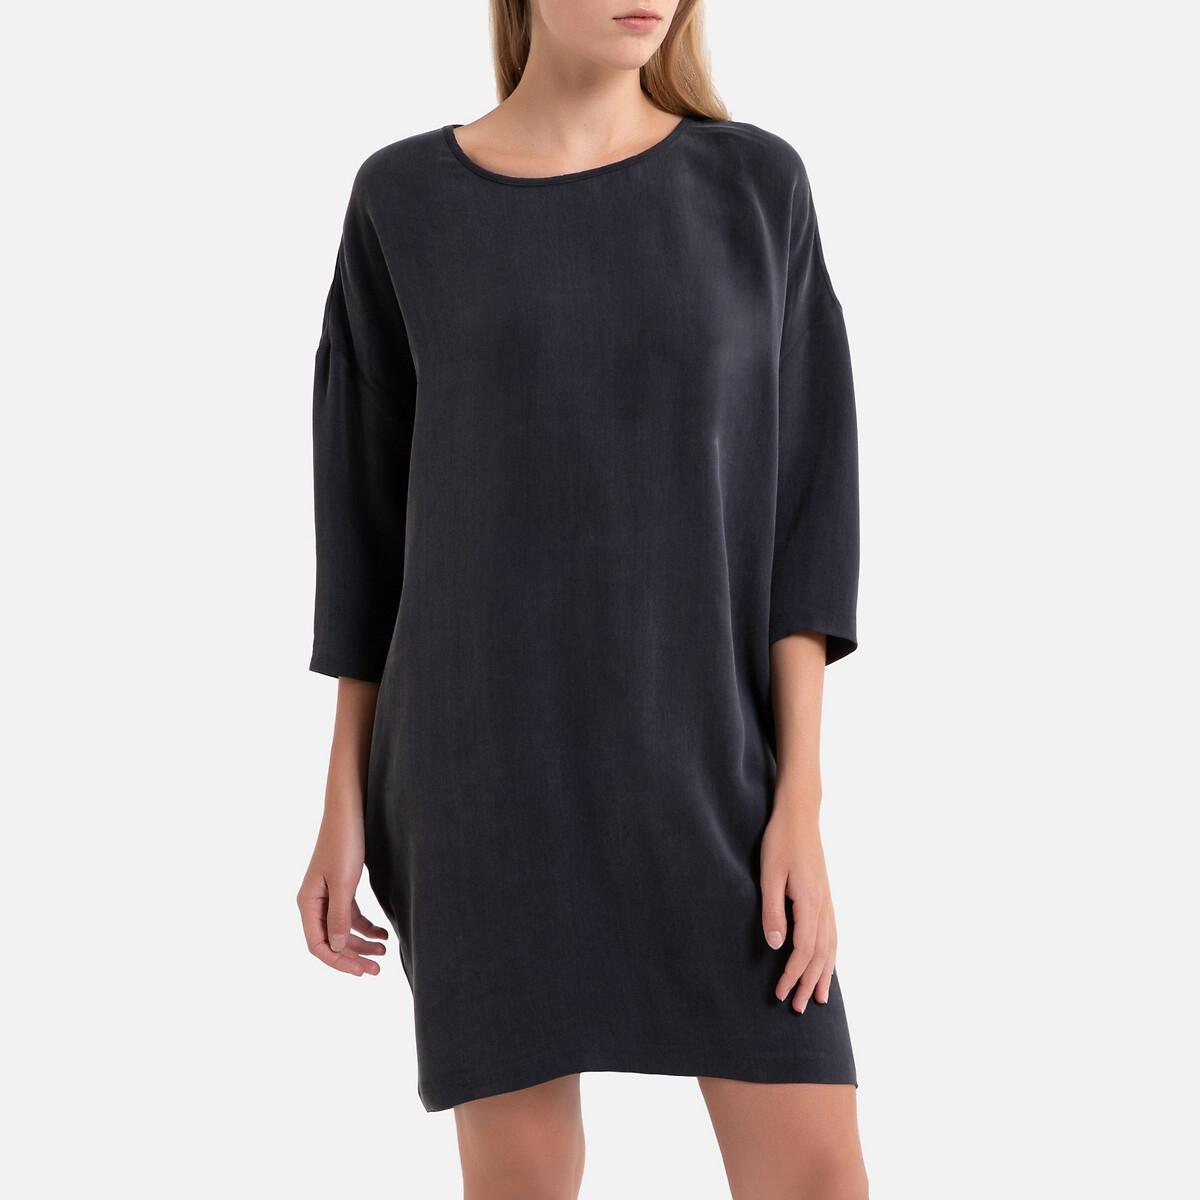 цена Платье La Redoute Прямое с рукавами BABARUM S серый онлайн в 2017 году